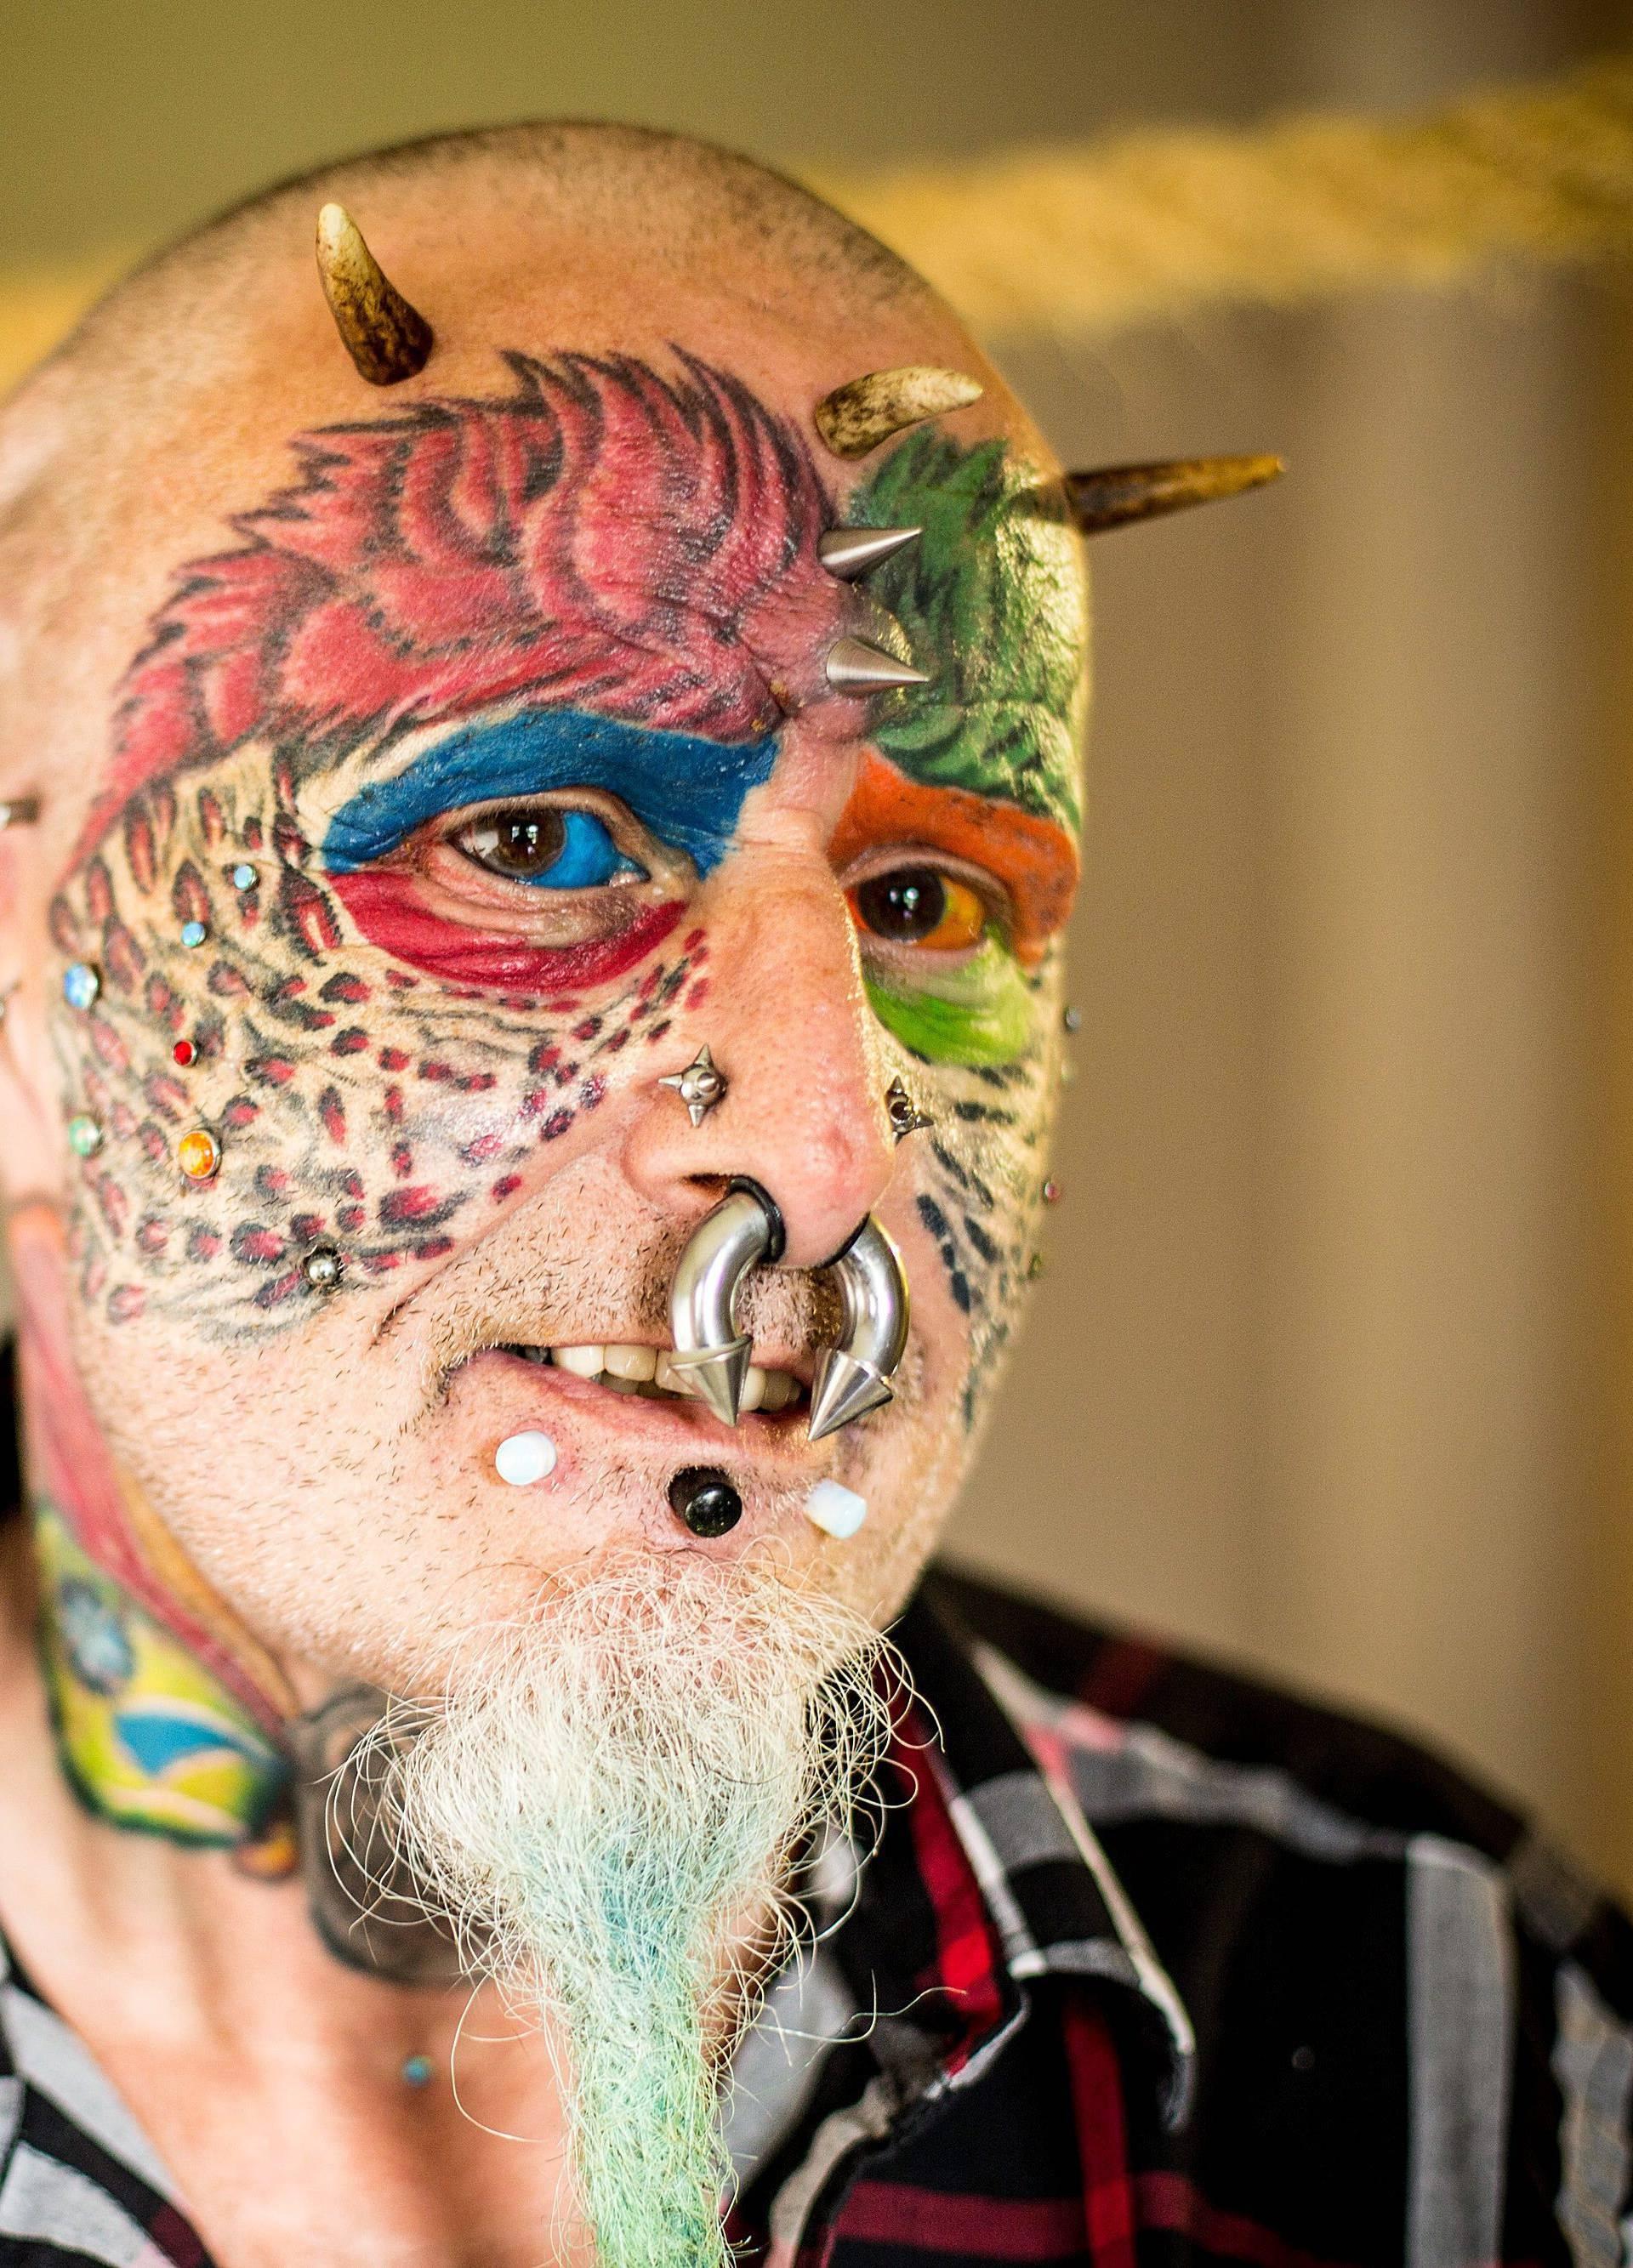 Želi izgledati kao papiga: 110 tetovaža, a uši si je odstranio